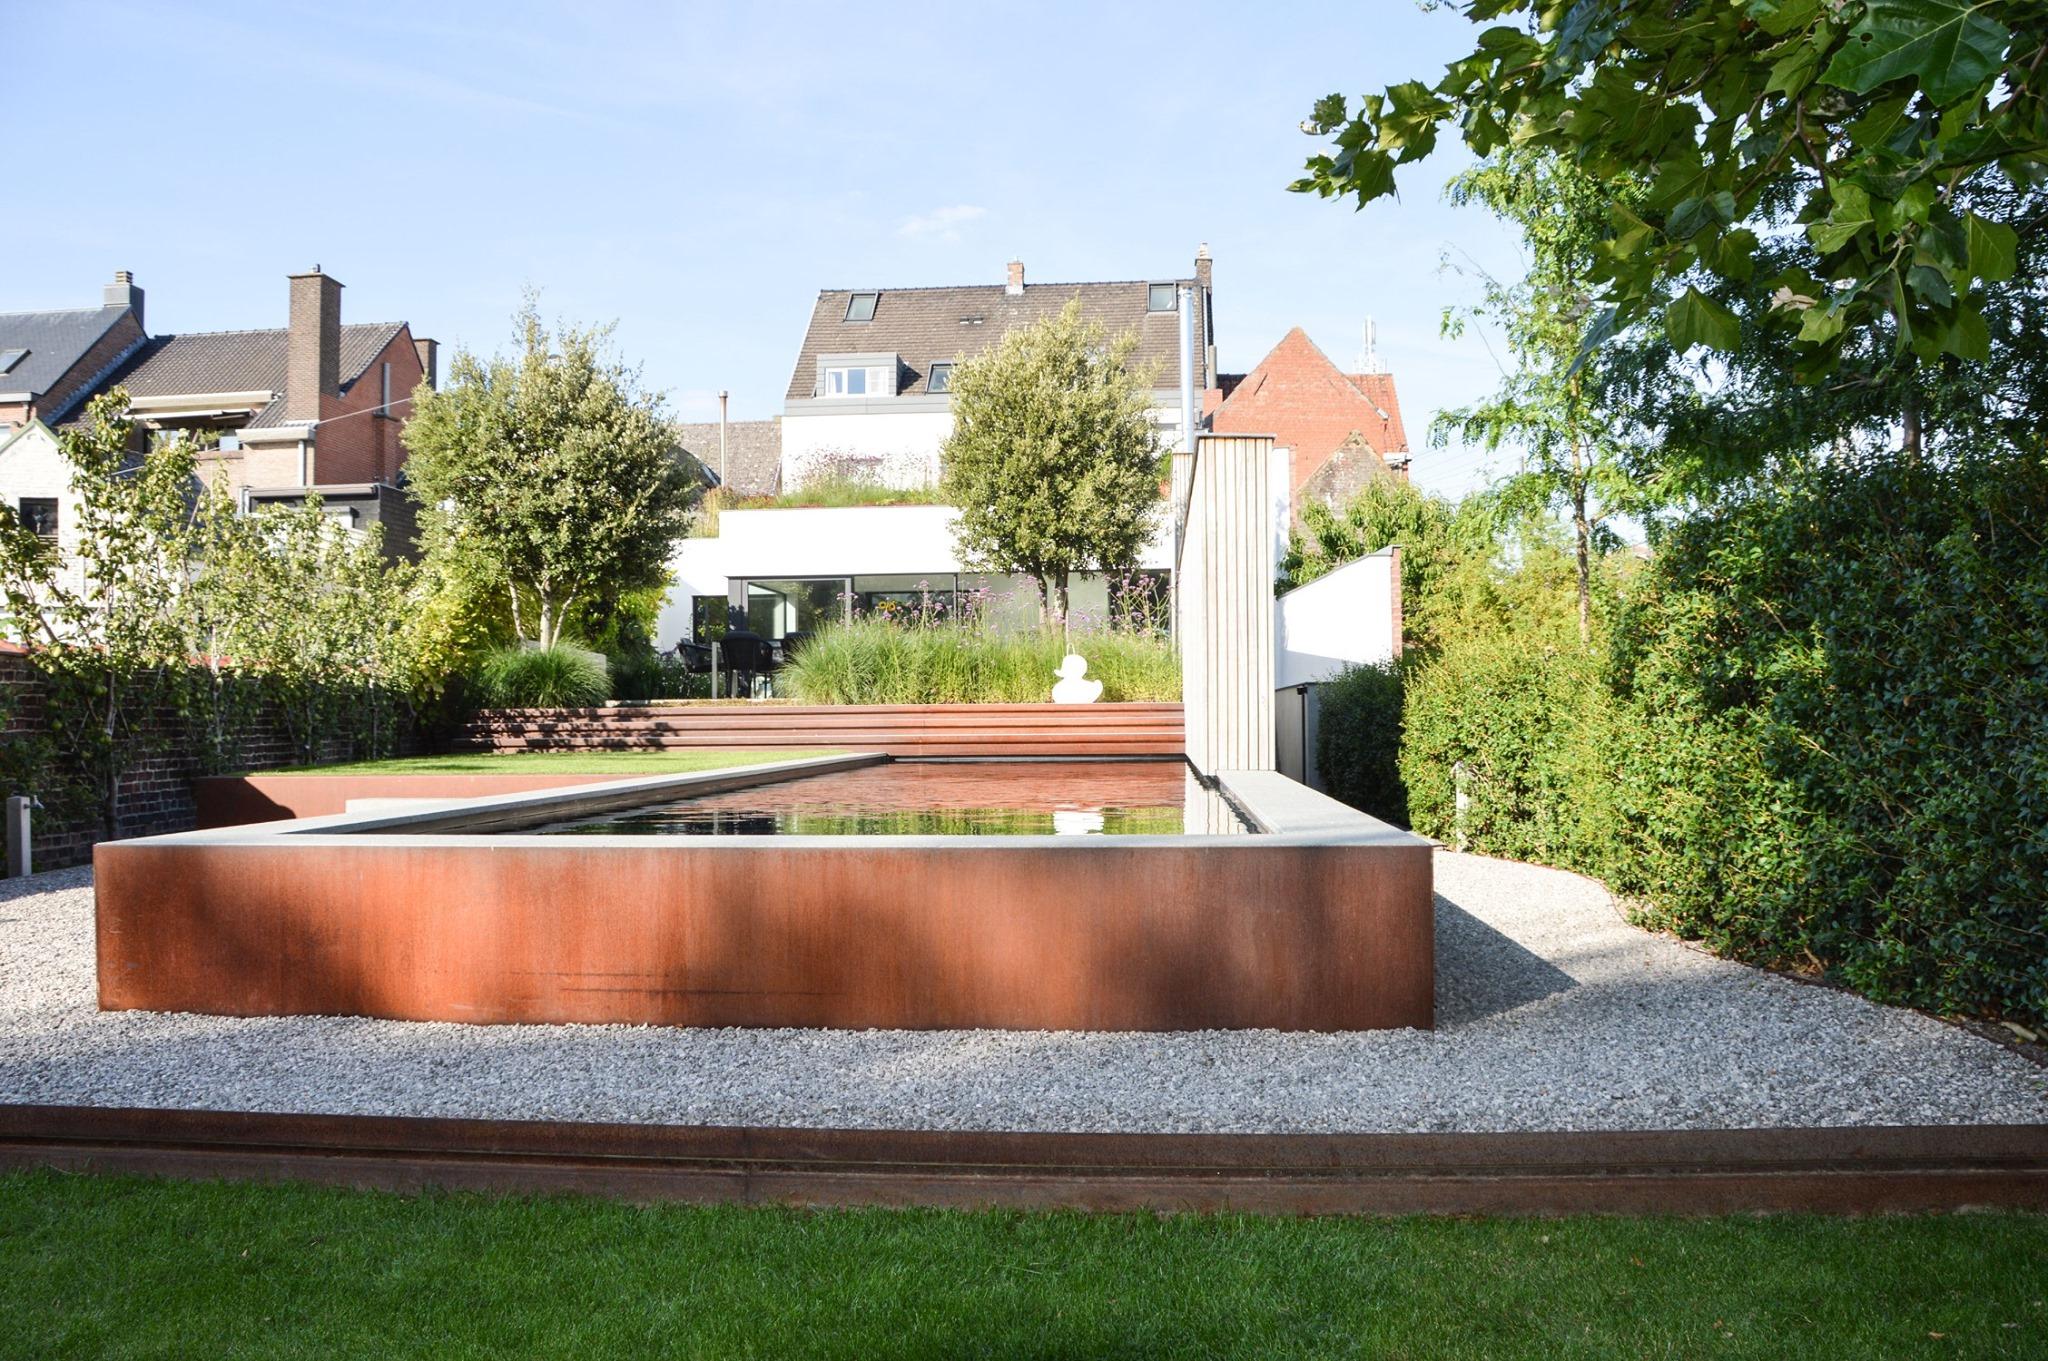 Moderne stadstuin met biozwembad